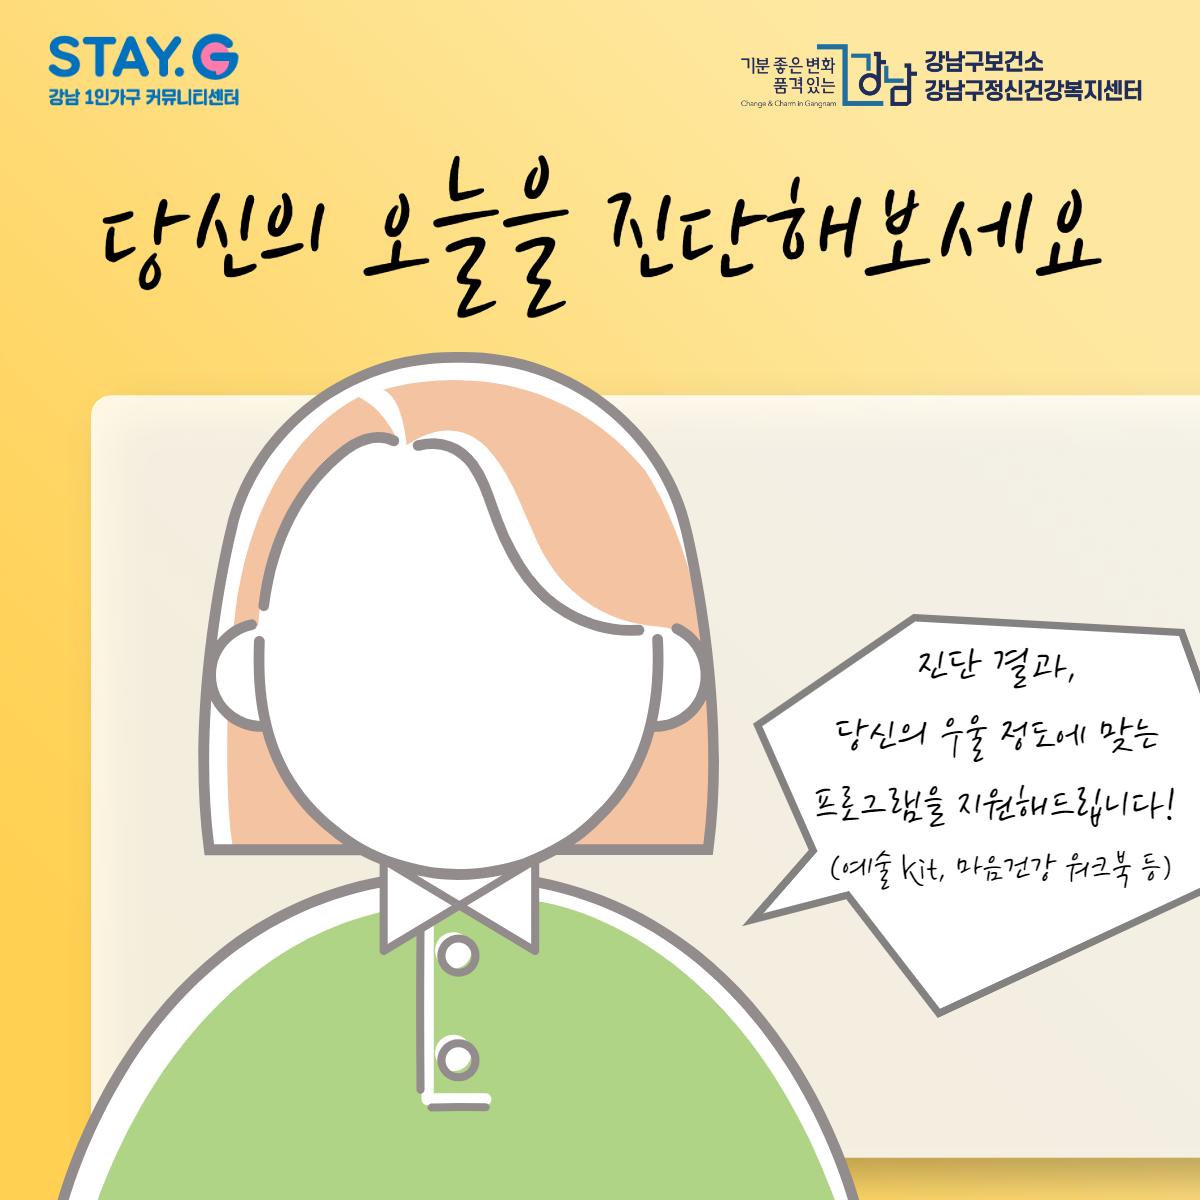 [마음건강] 당신의 오늘을 진단해보세요 (feat. 우울검사)